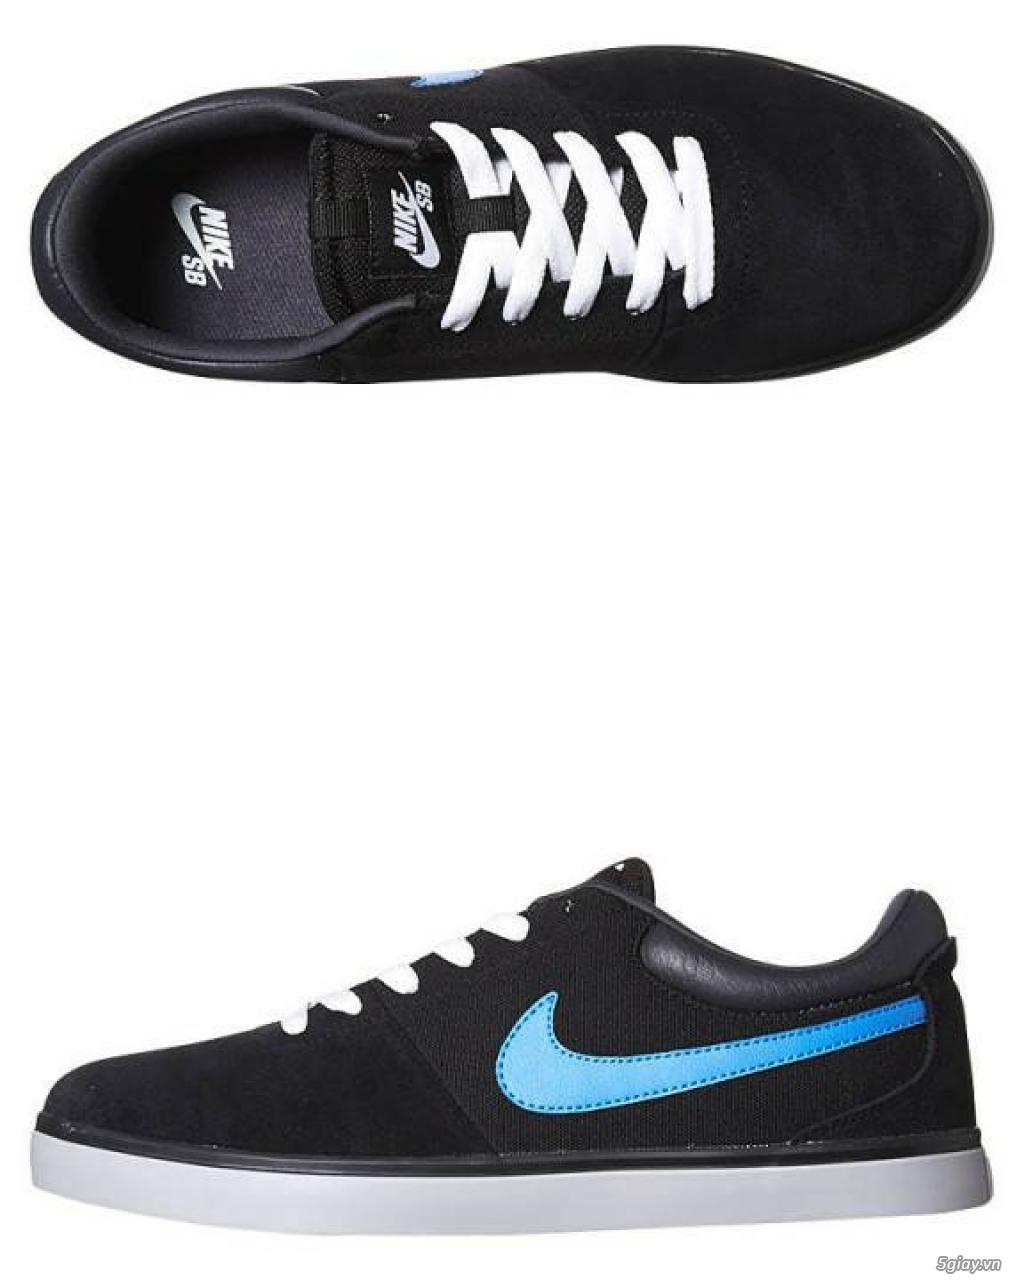 Rất nhiều giày Nike hàng real new 100% fullbox giá cực rẻ - 1